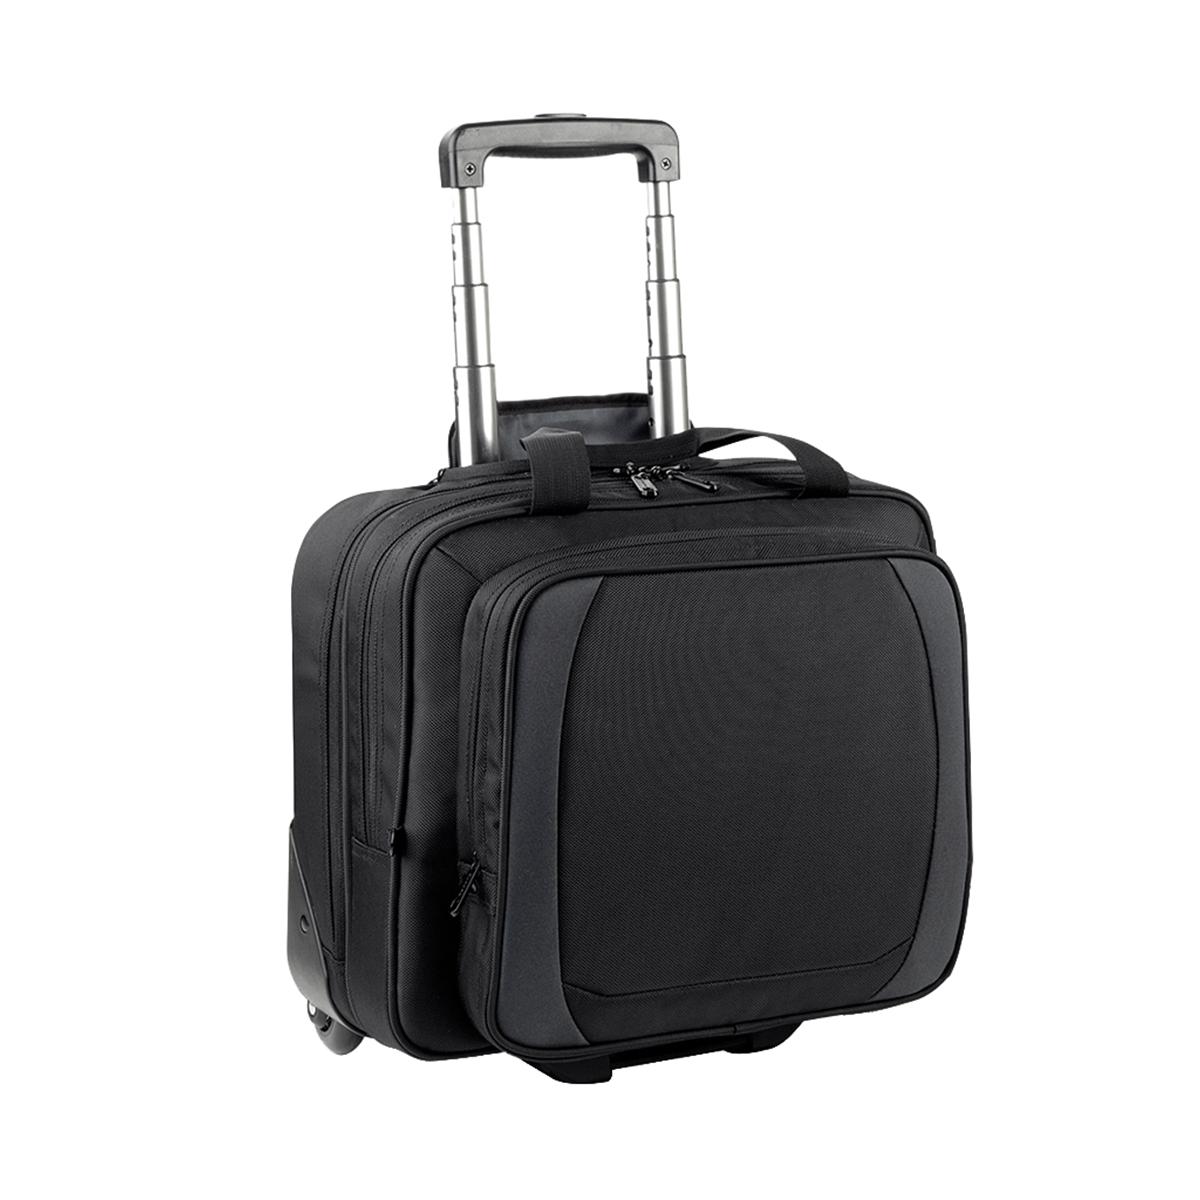 (クオドラ) Quadra Tungsten ウィーリー 機内持ち込み可能 トラベルバッグ スーツケース 旅行鞄 (25L) 【海外直送】